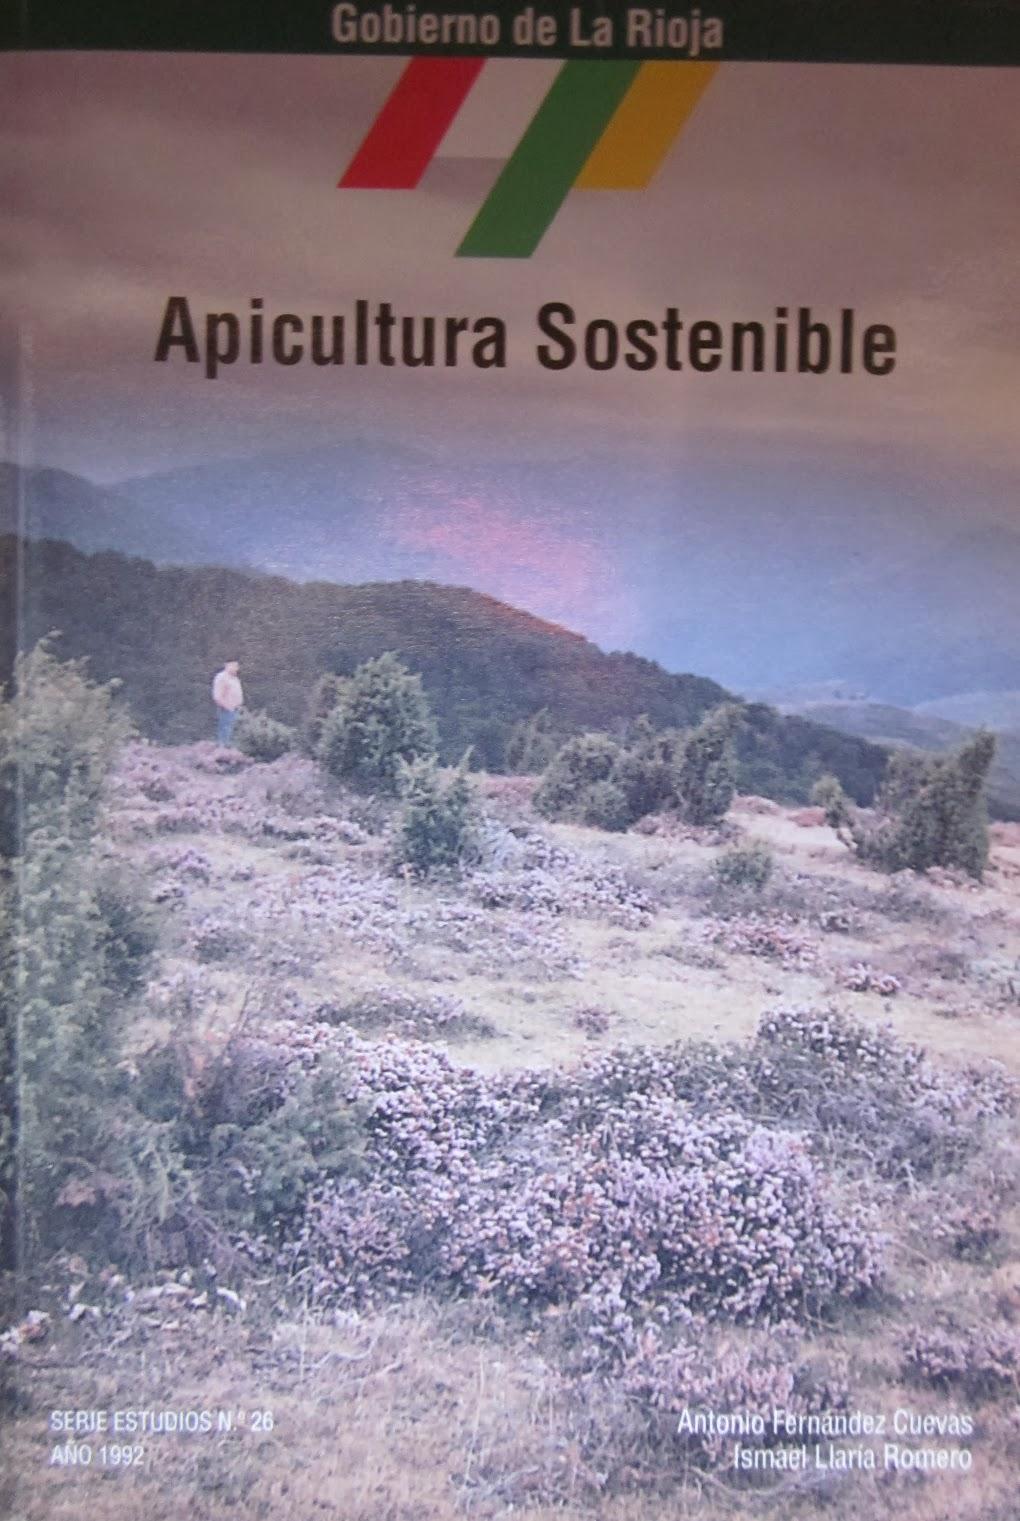 Fernández Cuevas, Antonio y Llaría Romero, Ismael, Apicultura sostenible